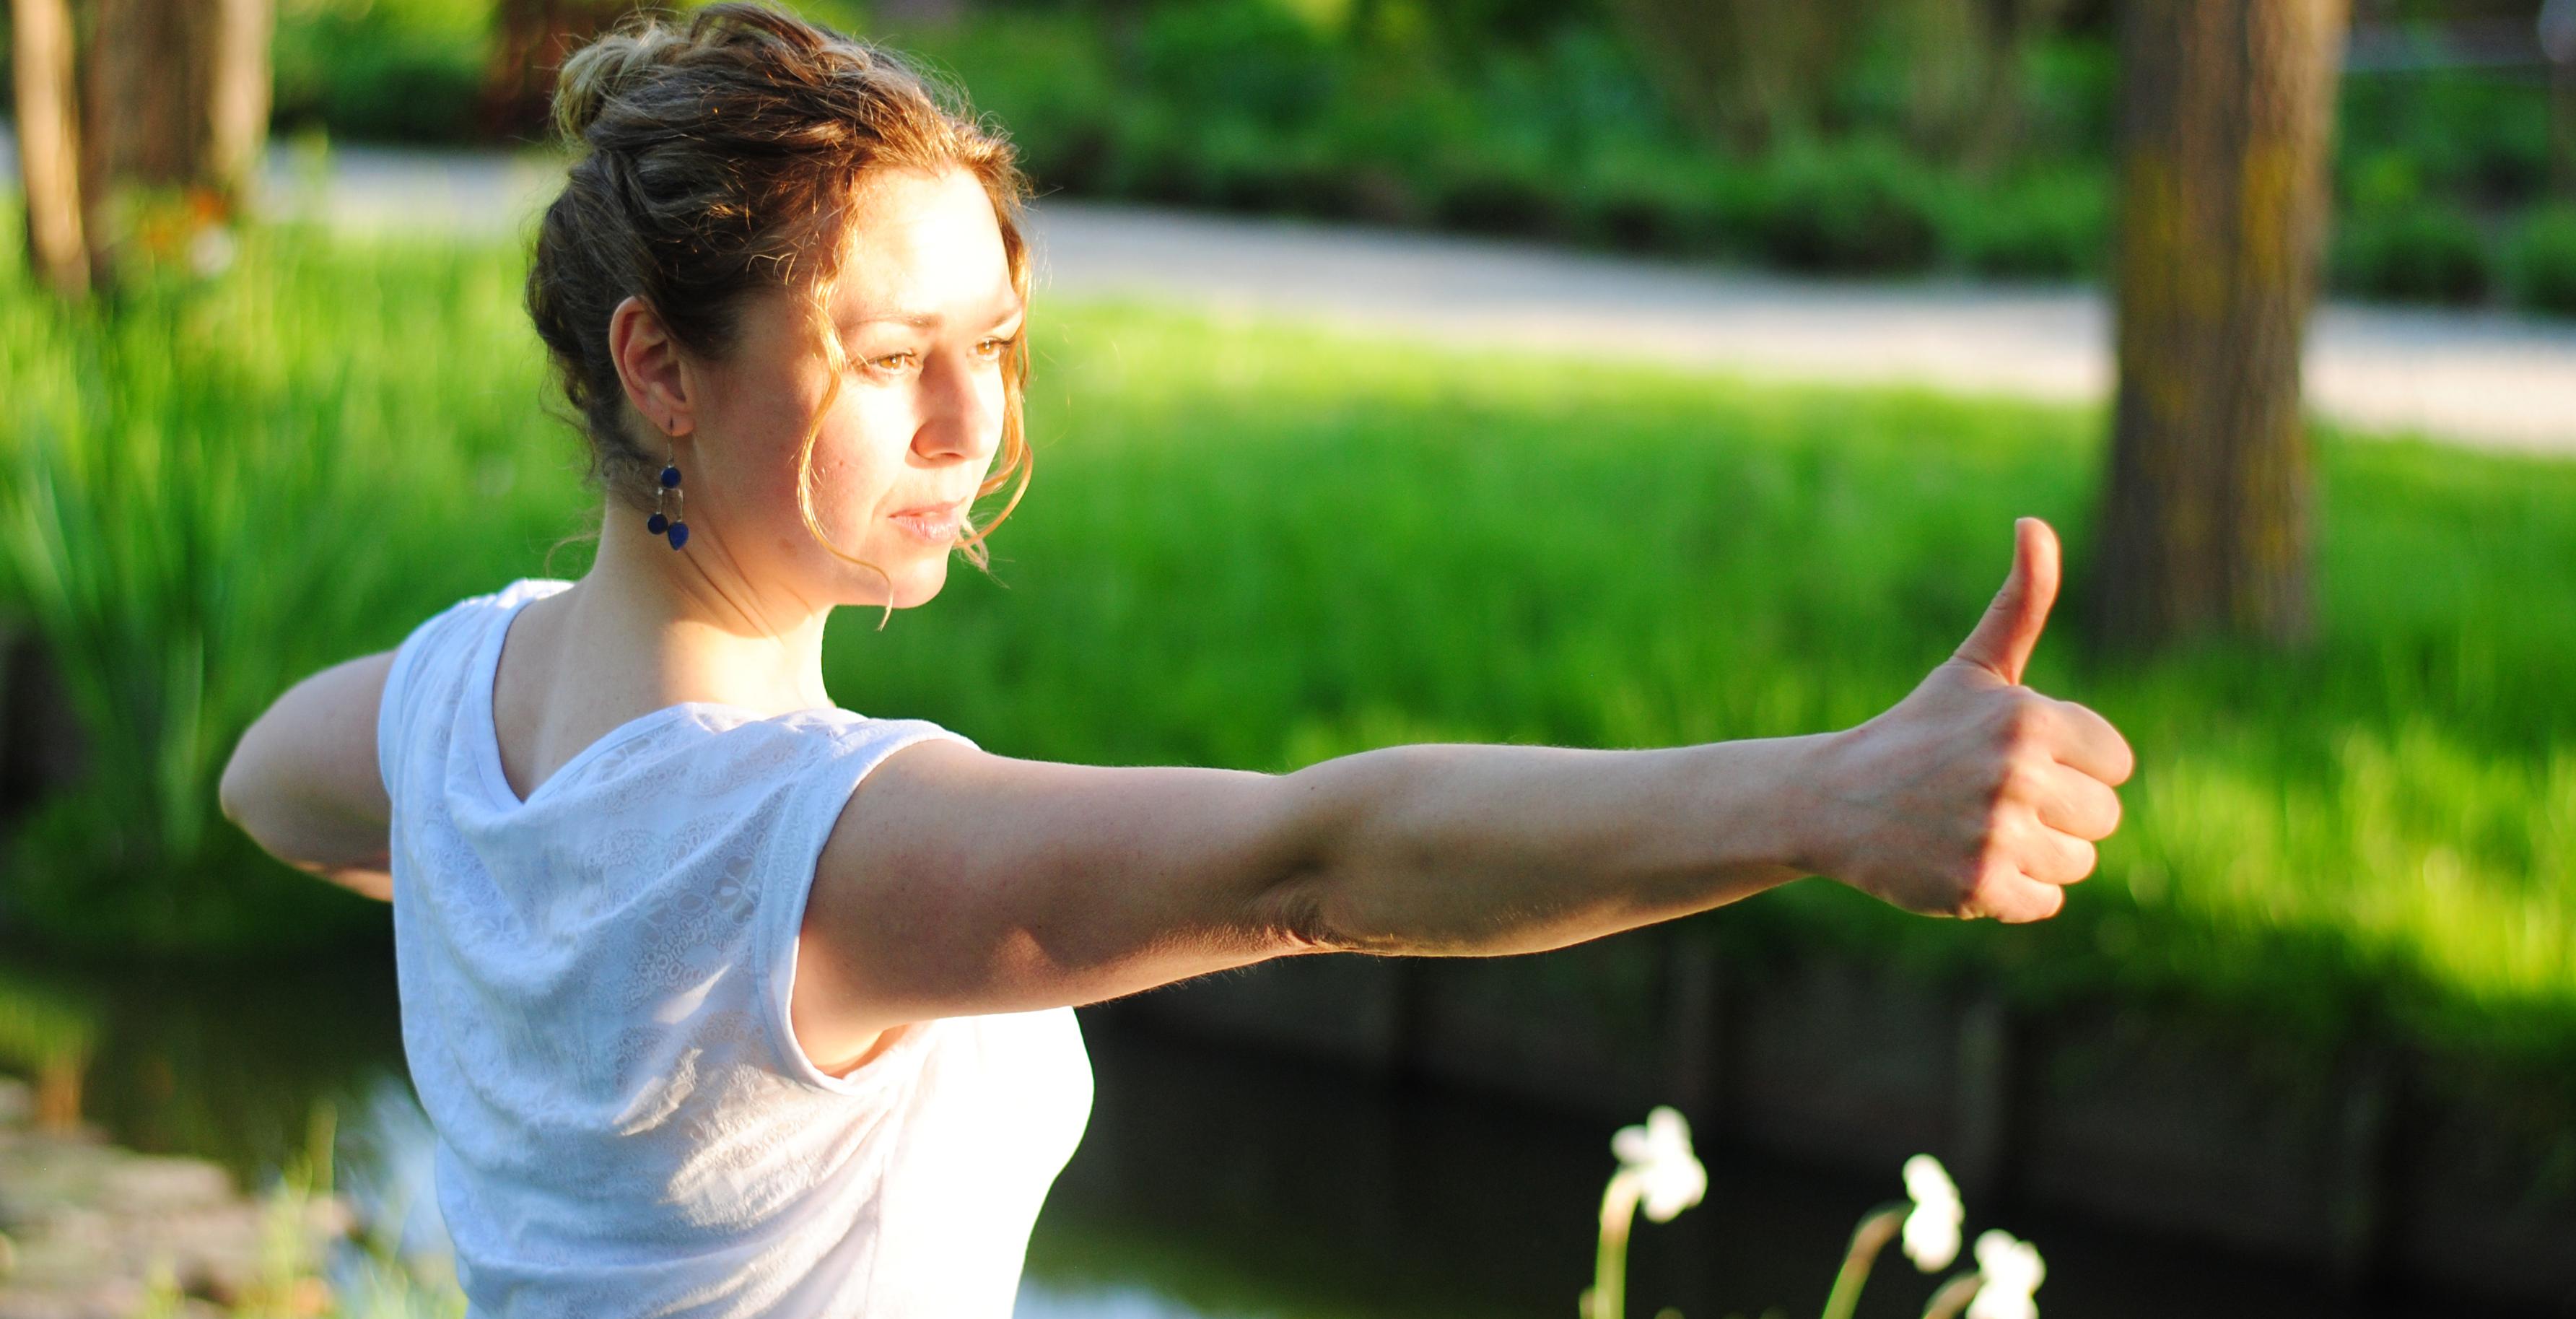 De kracht van focus en hoe het kan helpen bij zelfgenezing